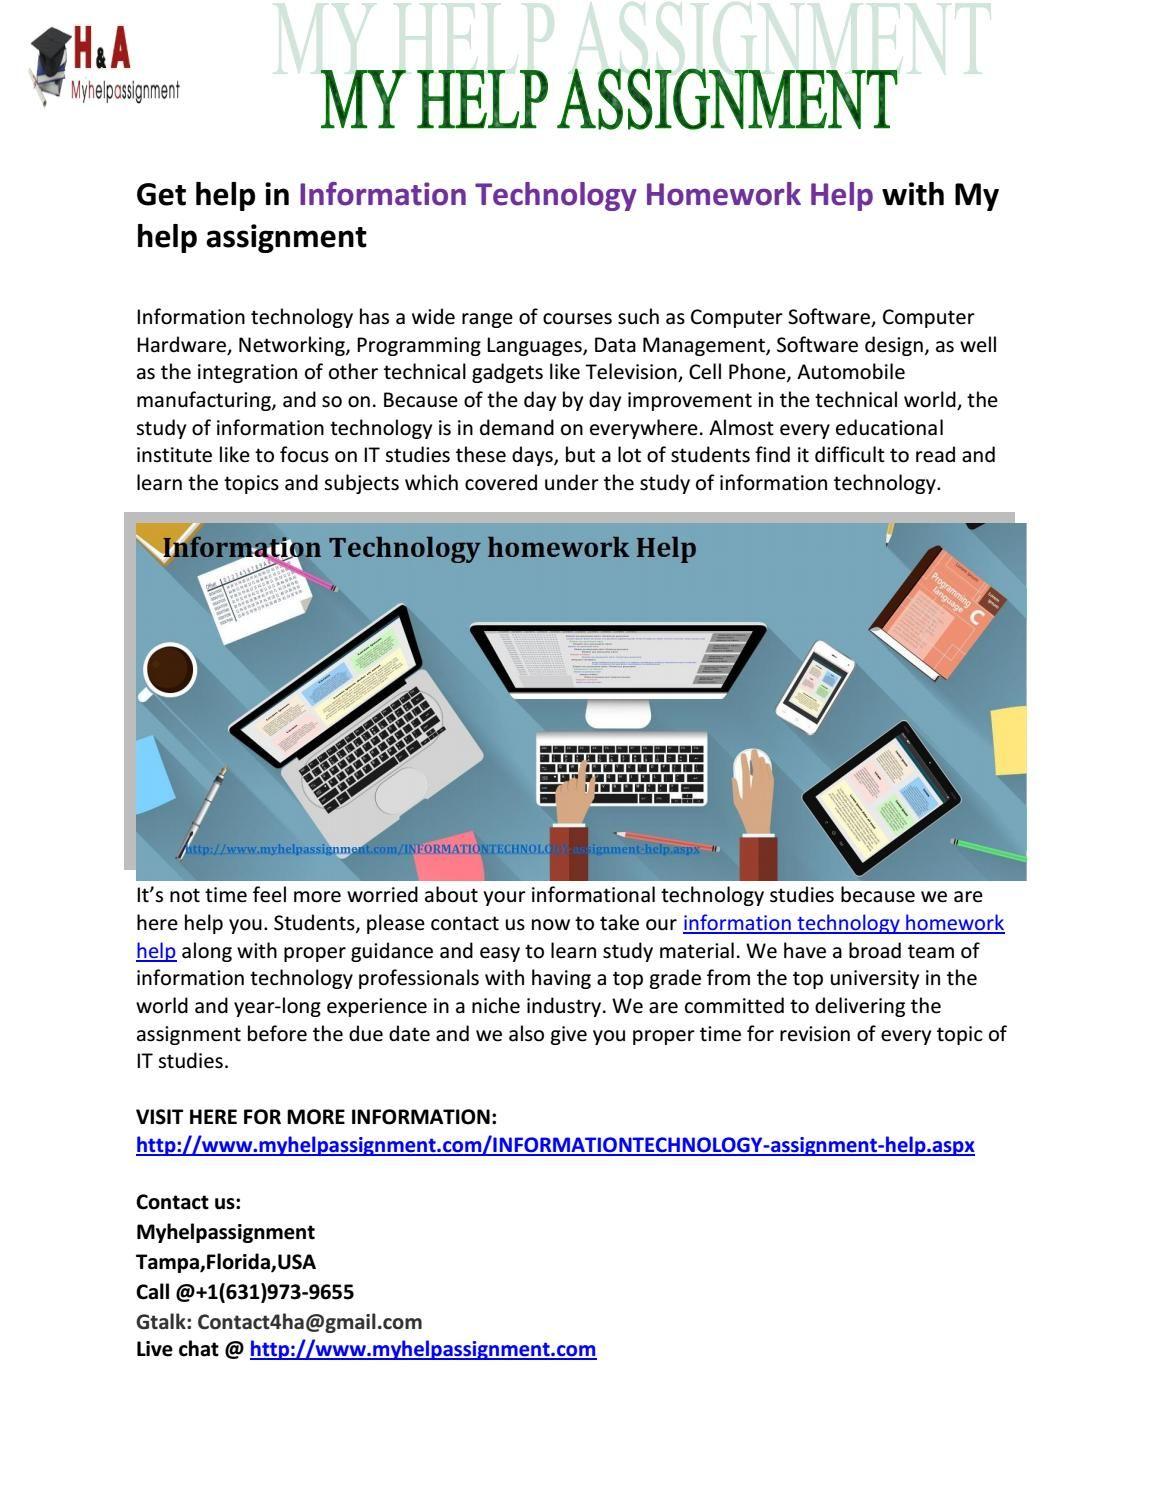 Technology homework help